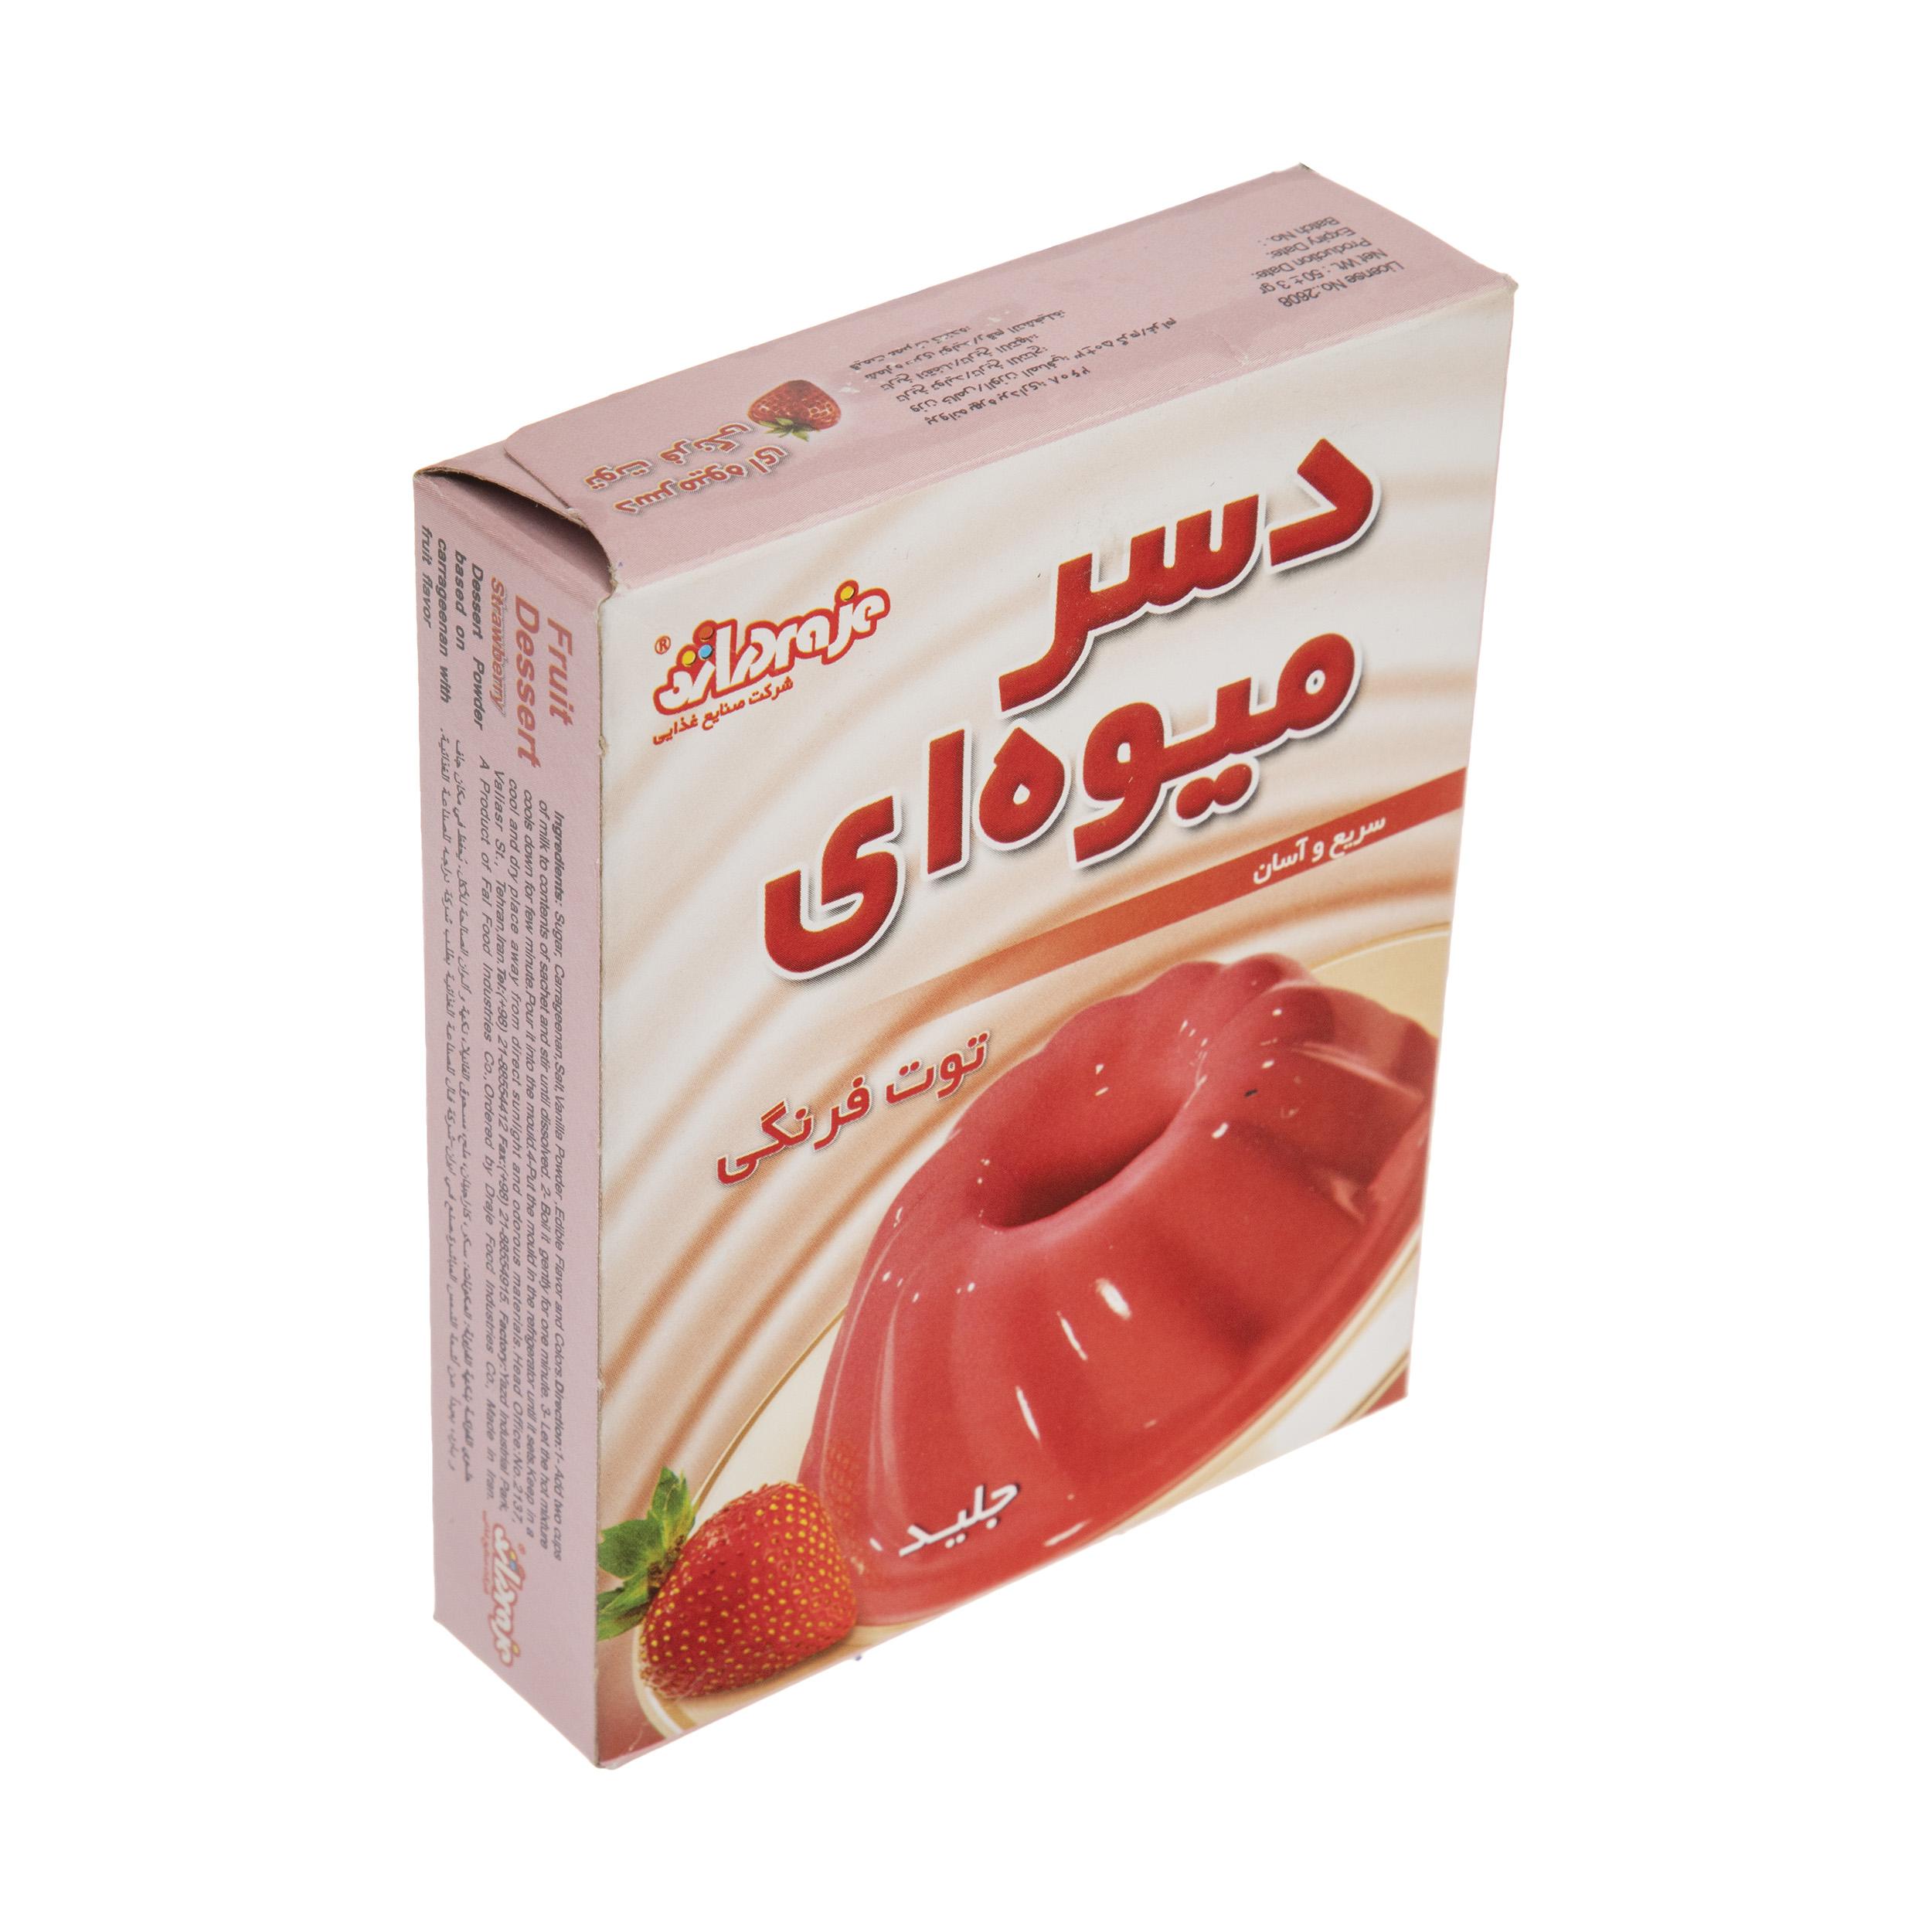 دسر میوه ای جلید با طعم توت فرنگی مقدار 50 گرم